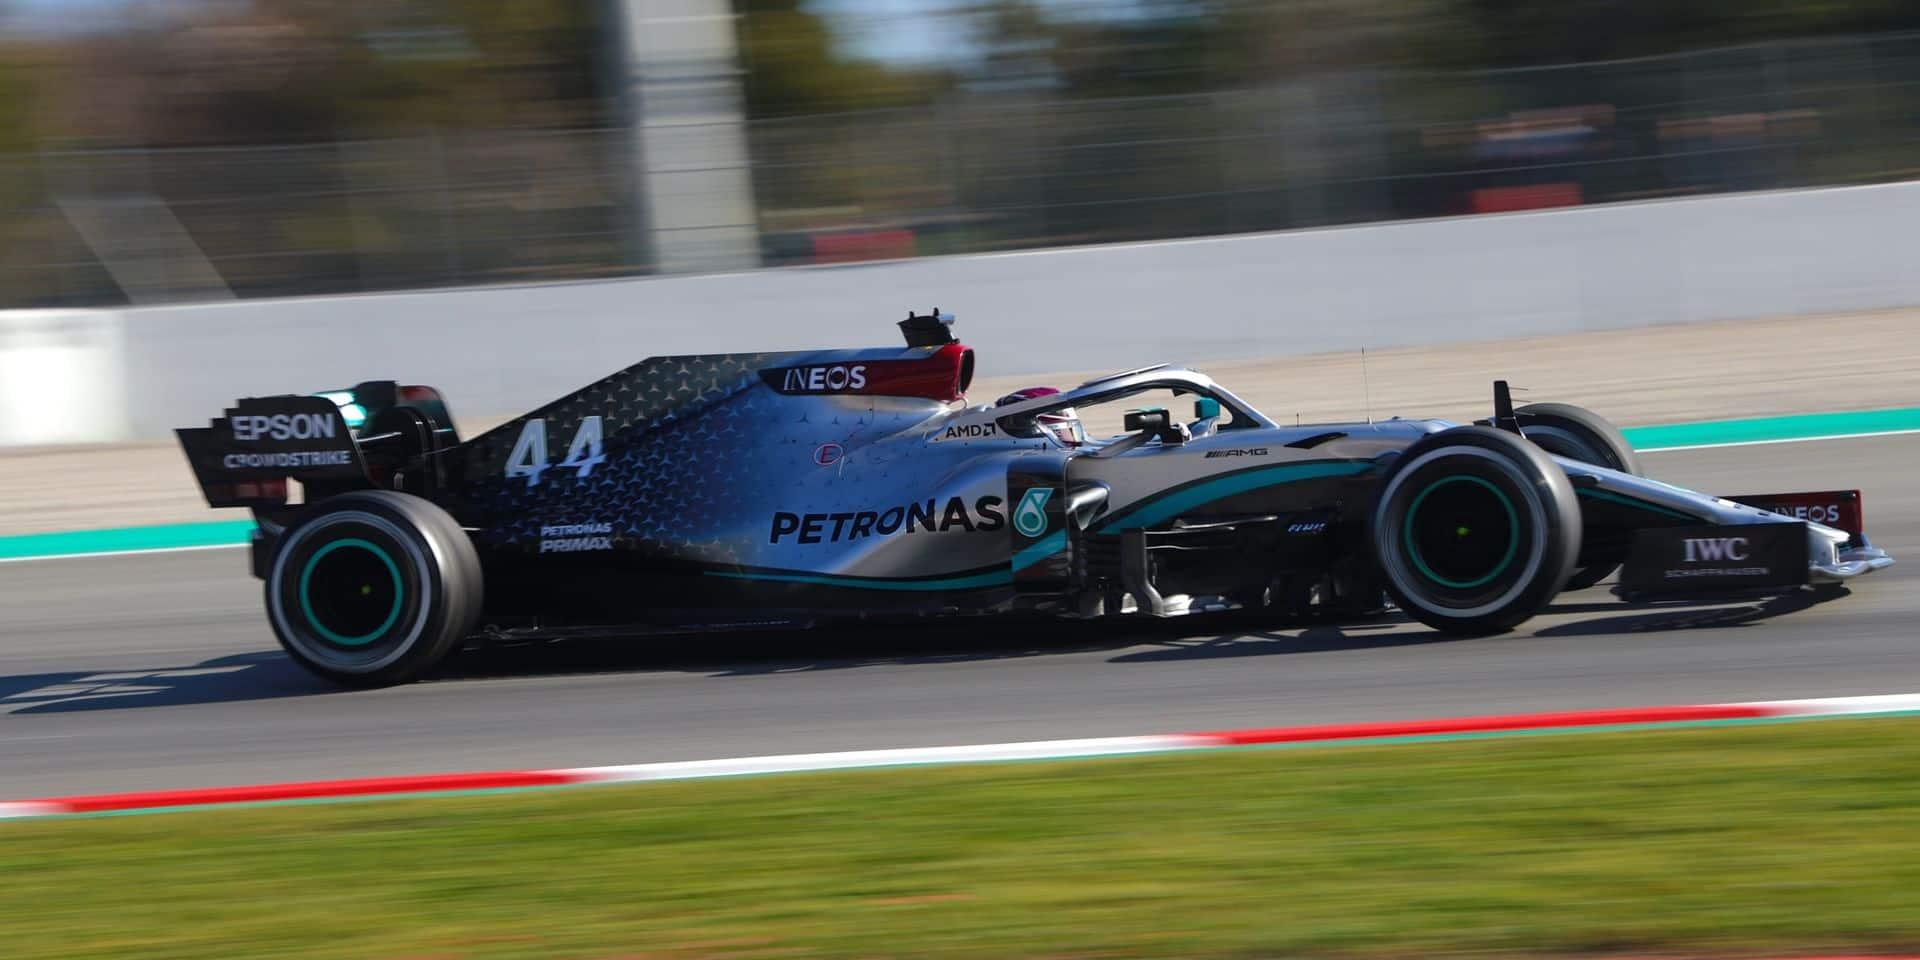 Essais Barcelone (Jour 5) : Vettel conclut en tête, premier couac pour Hamilton et Mercedes